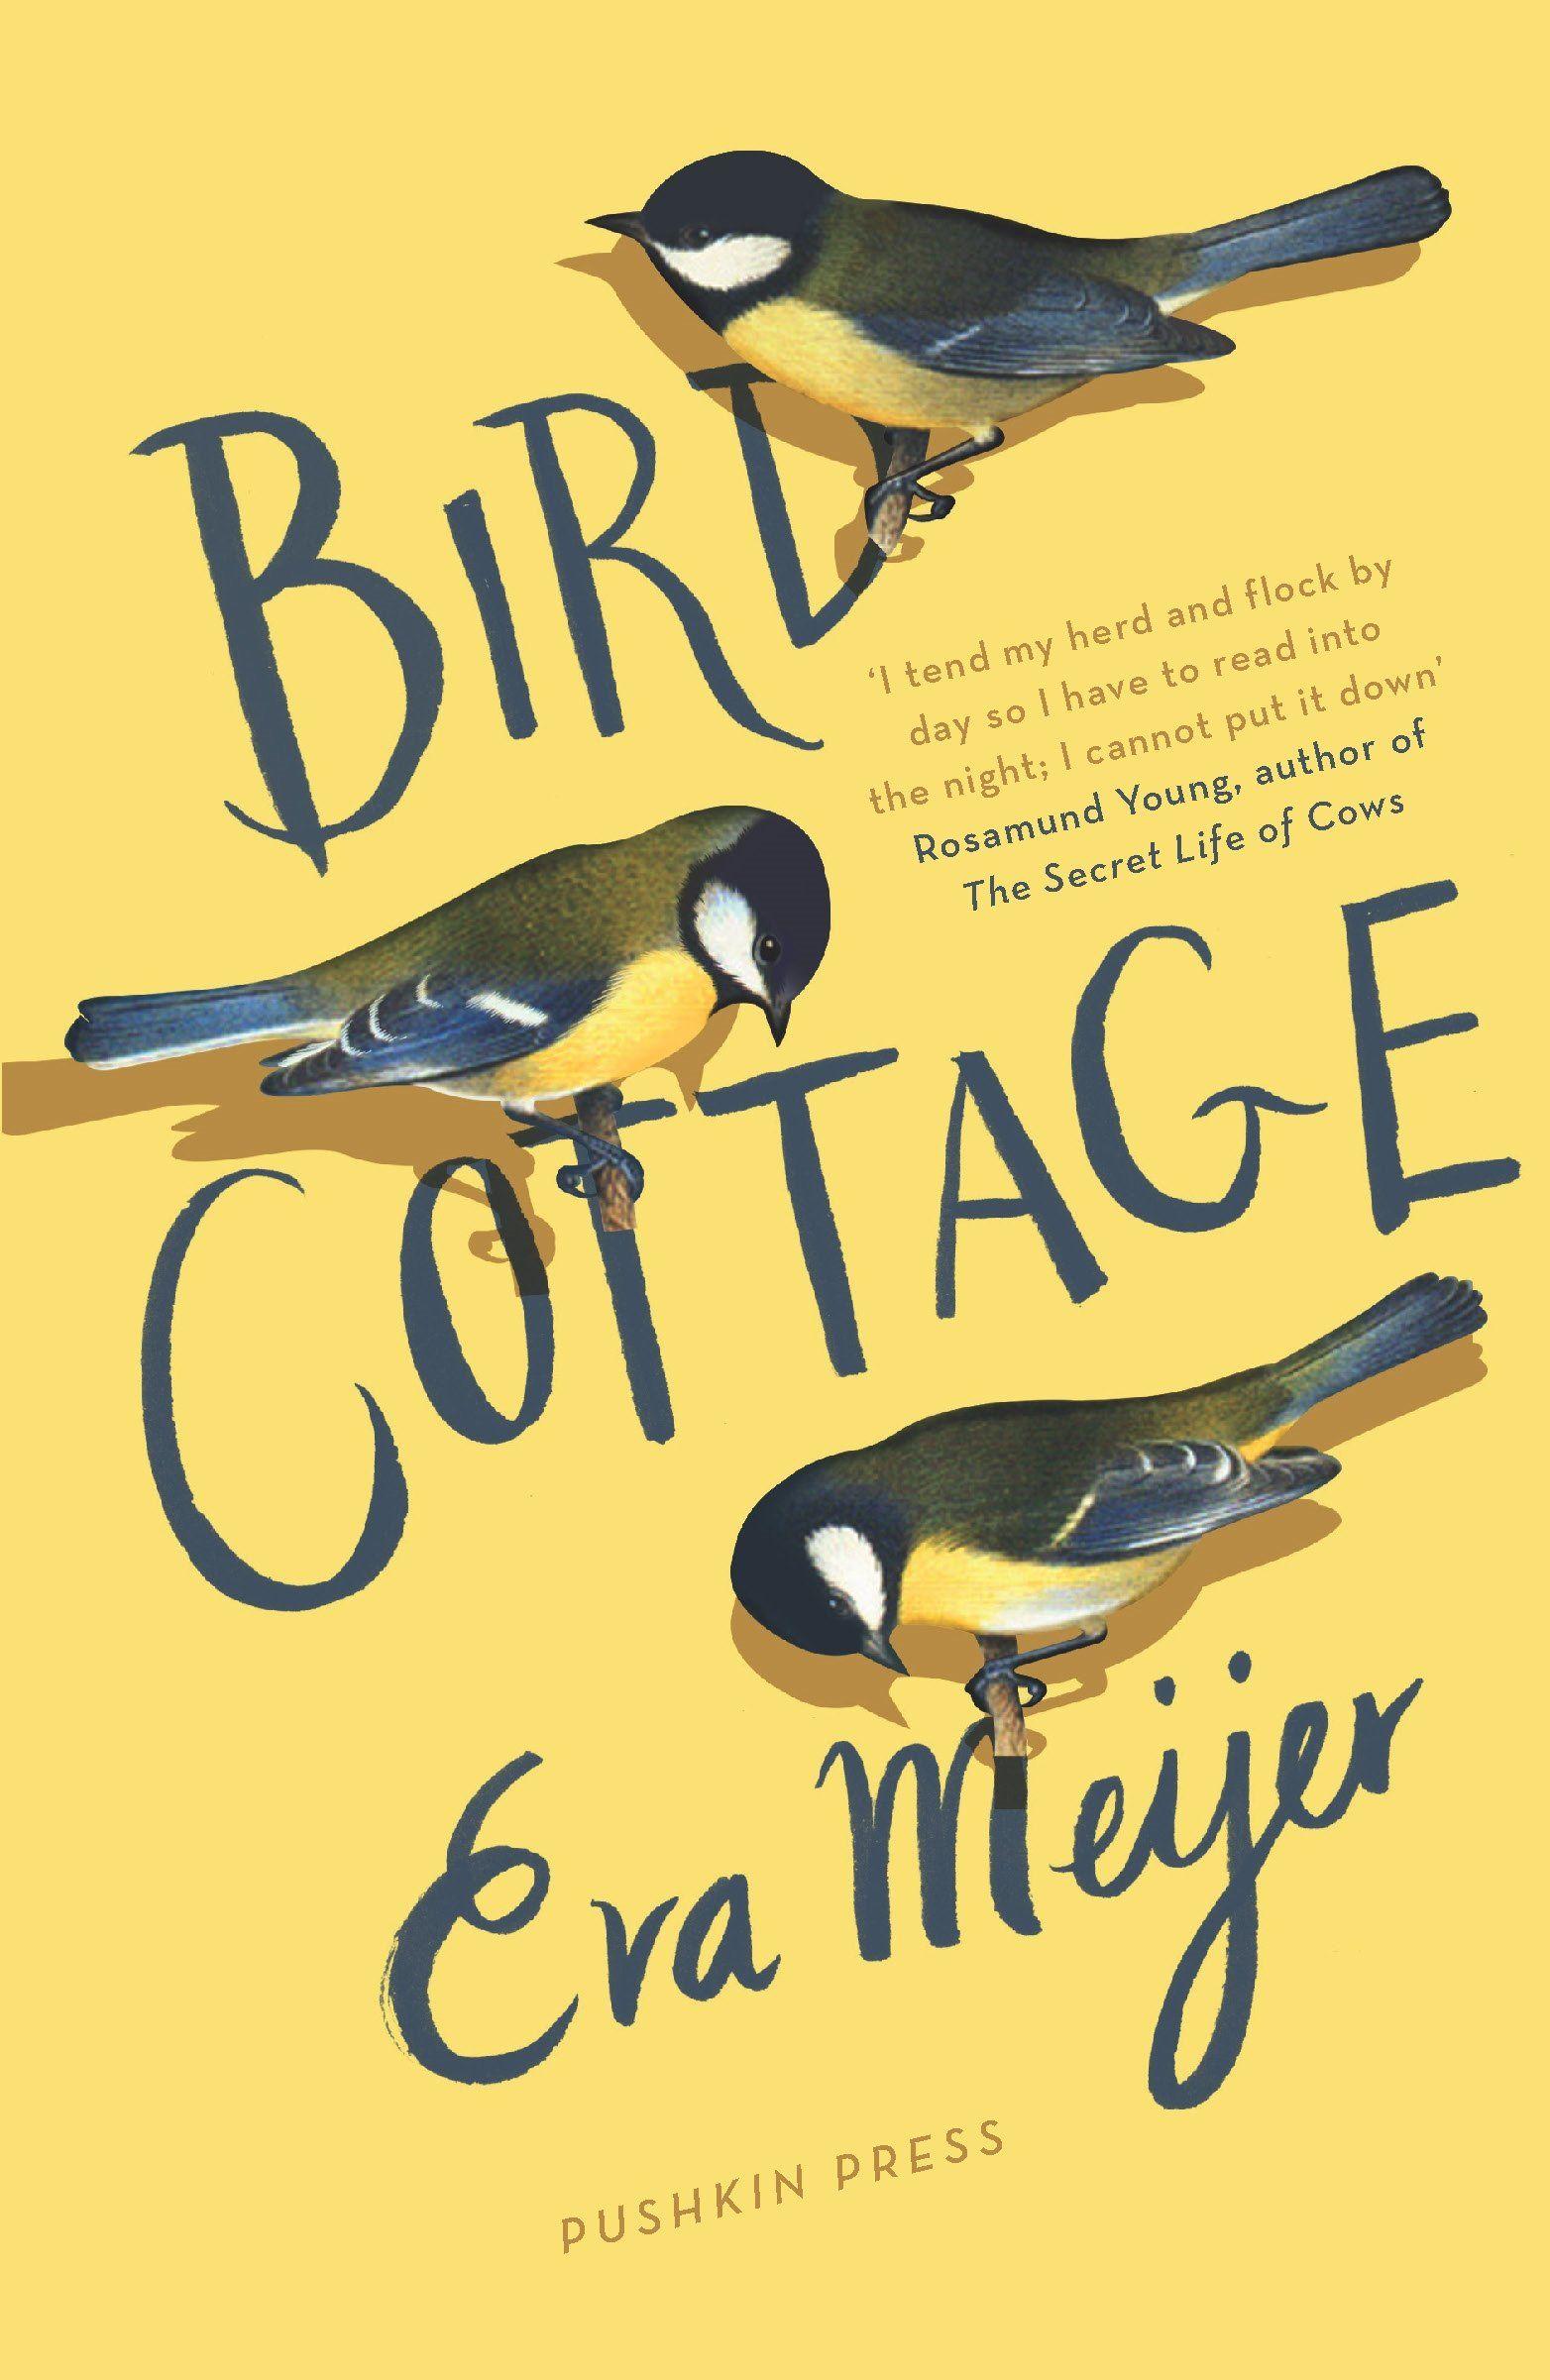 bird cottage.jpg